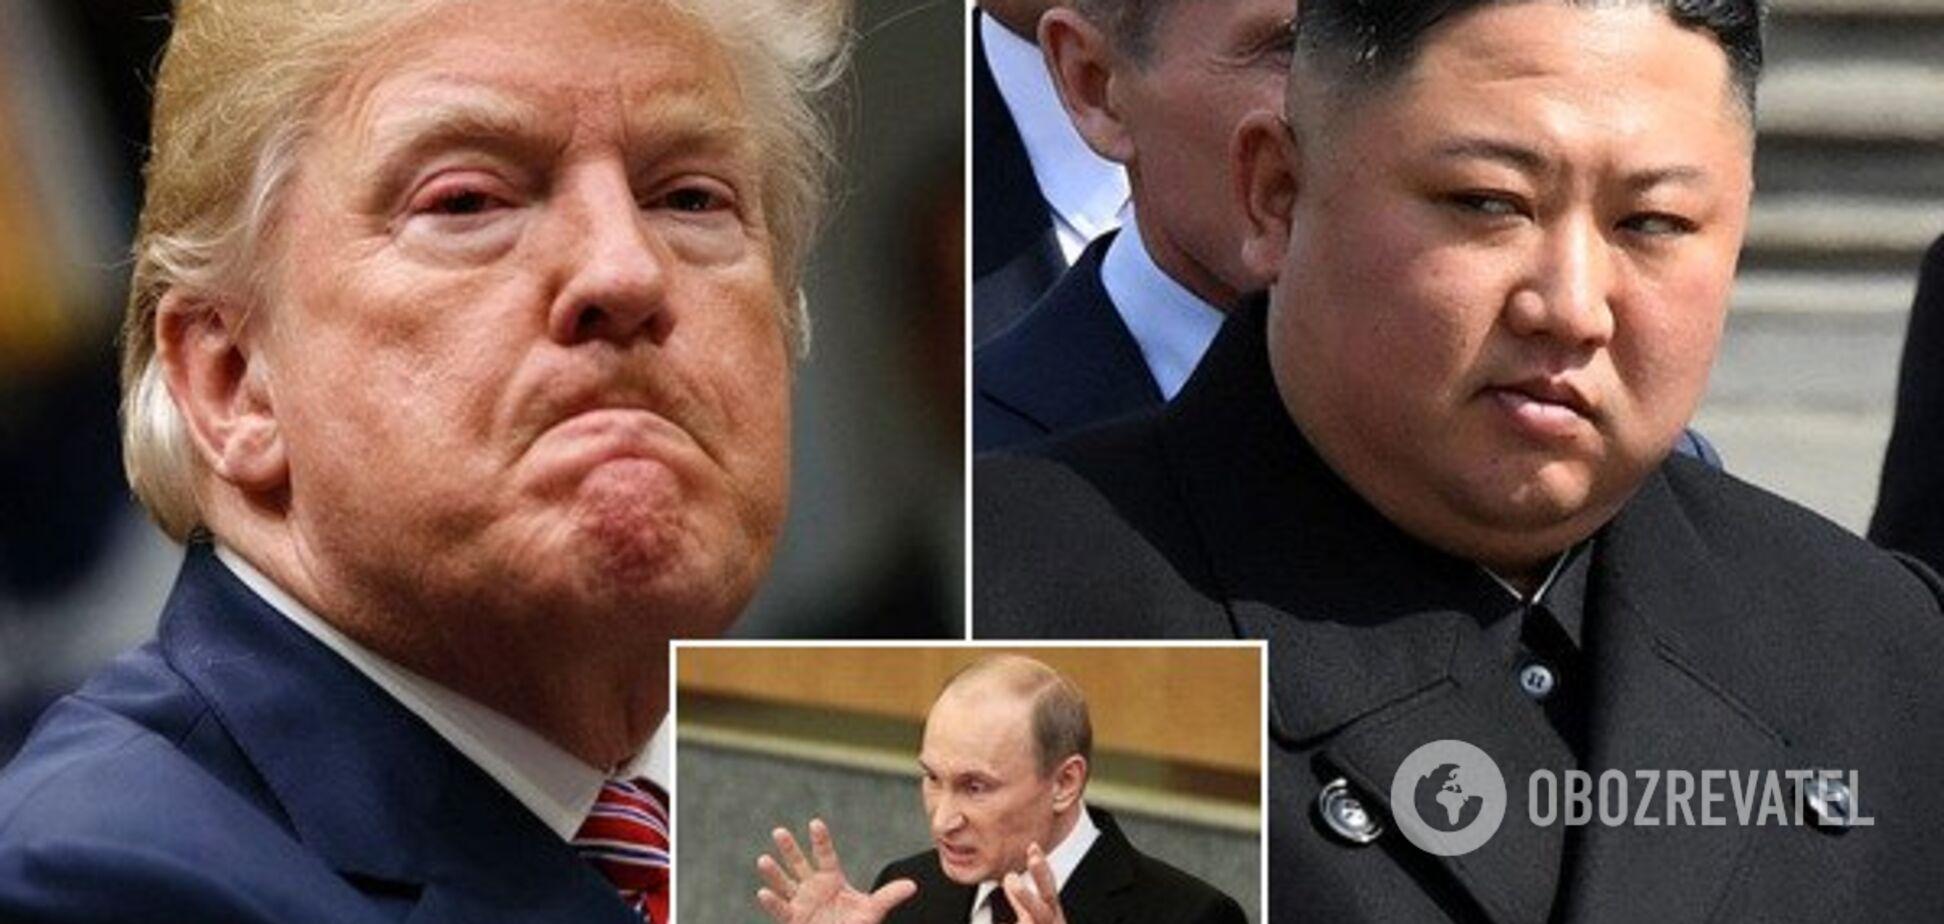 Хуже Путина и Ким Чен Ына? Трампа признали 'самым опасным' в мире